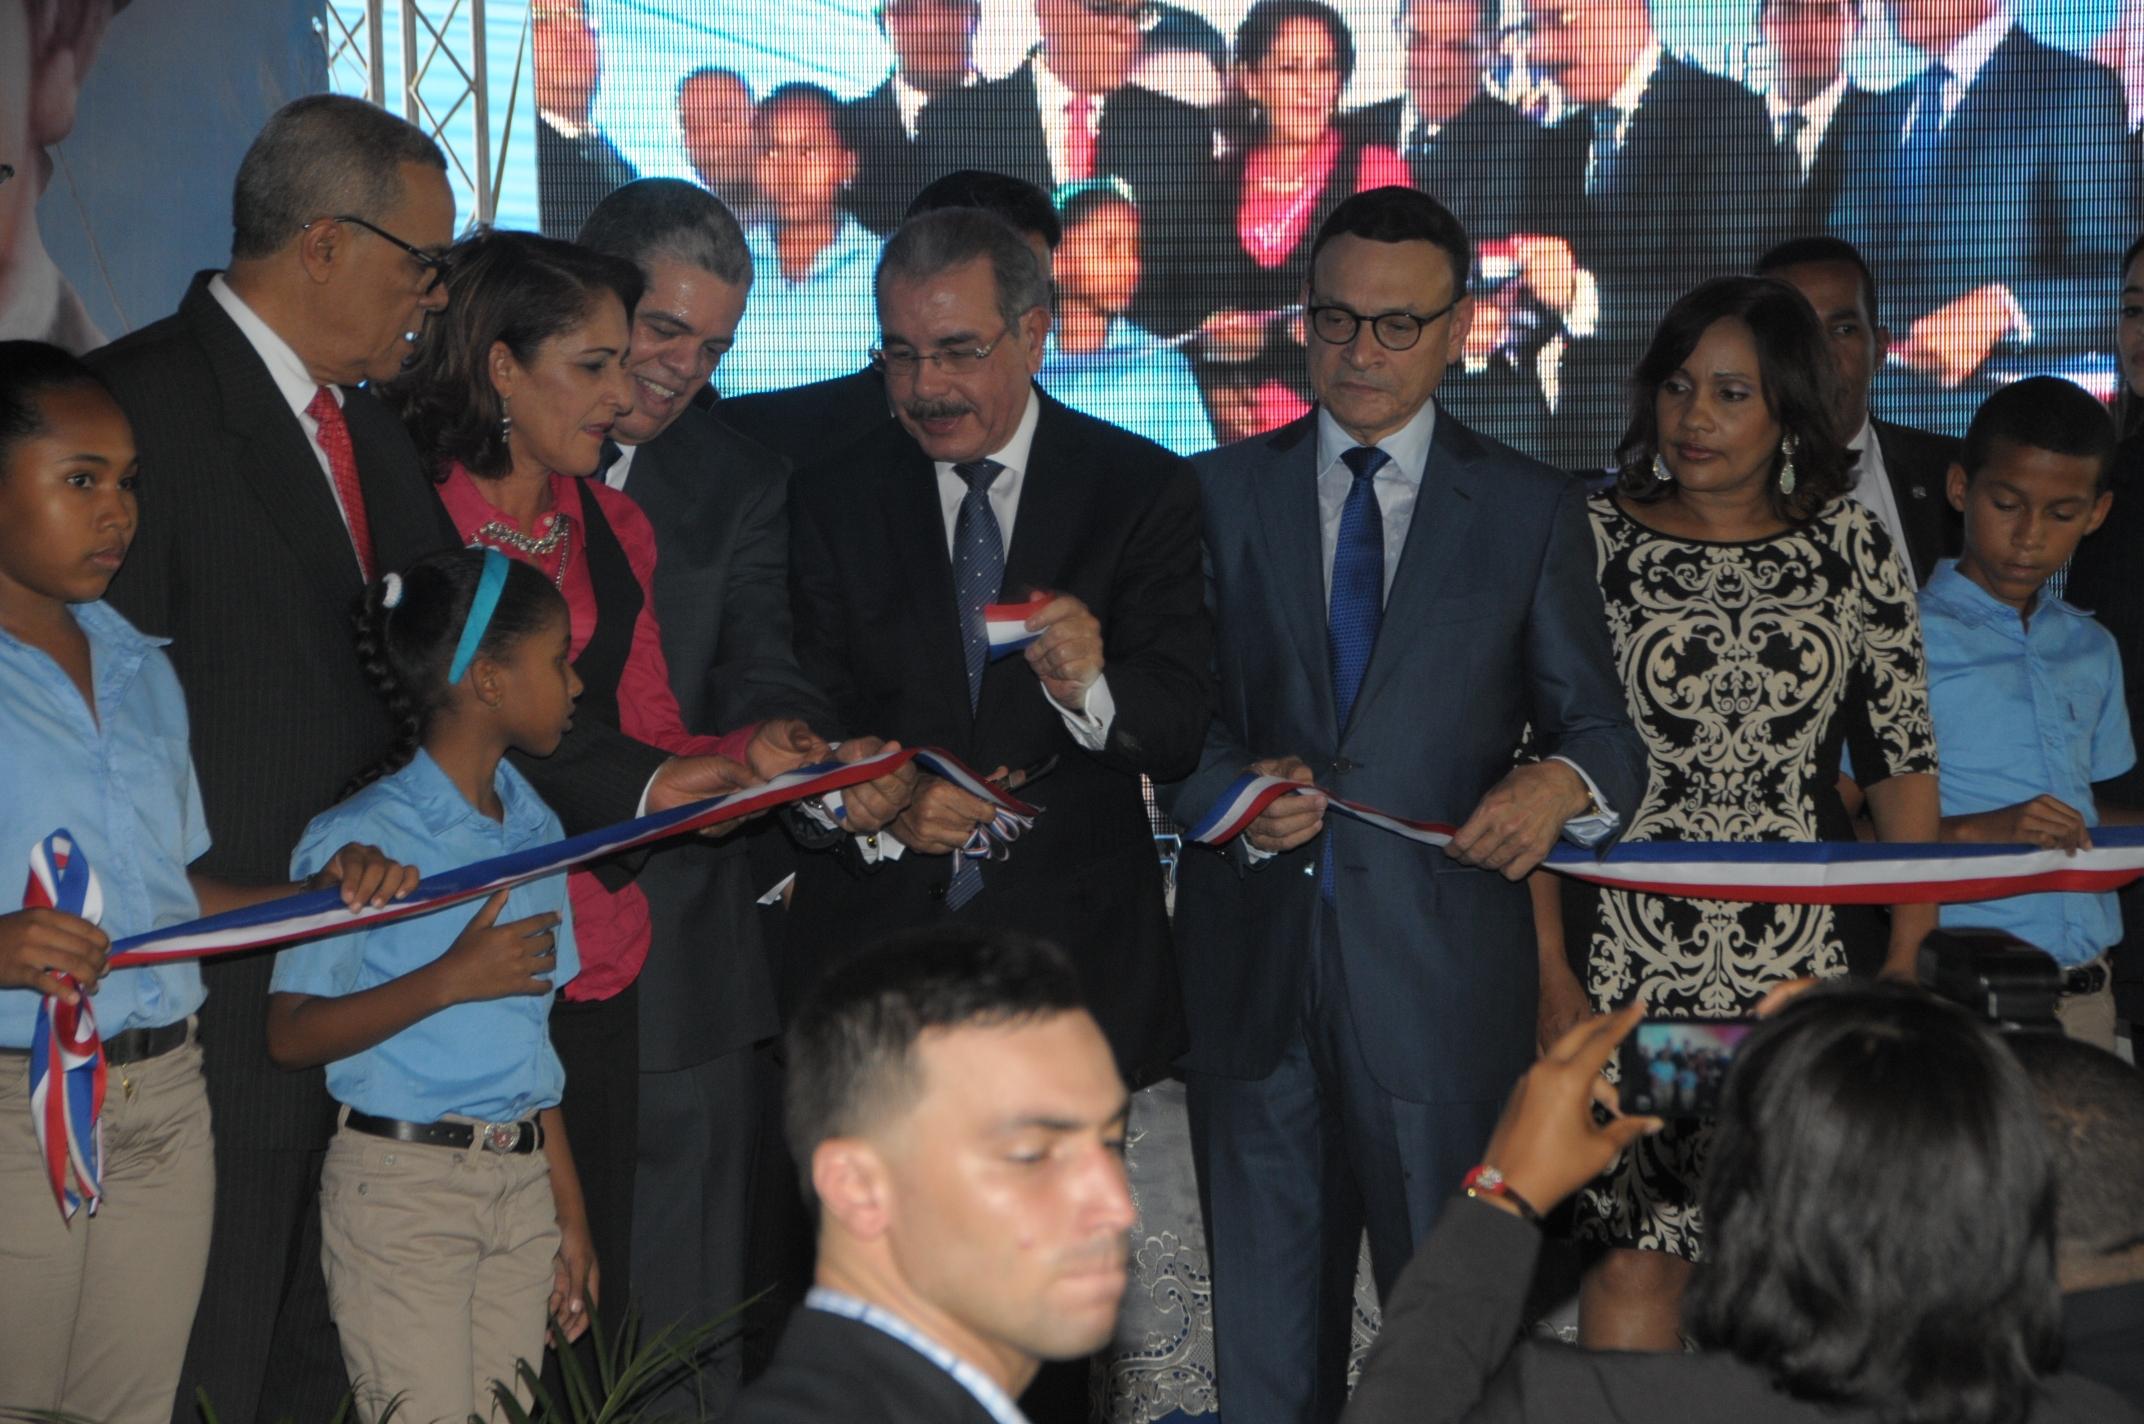 Presidente Medina reanuda inauguración de escuelas en Valverde ...